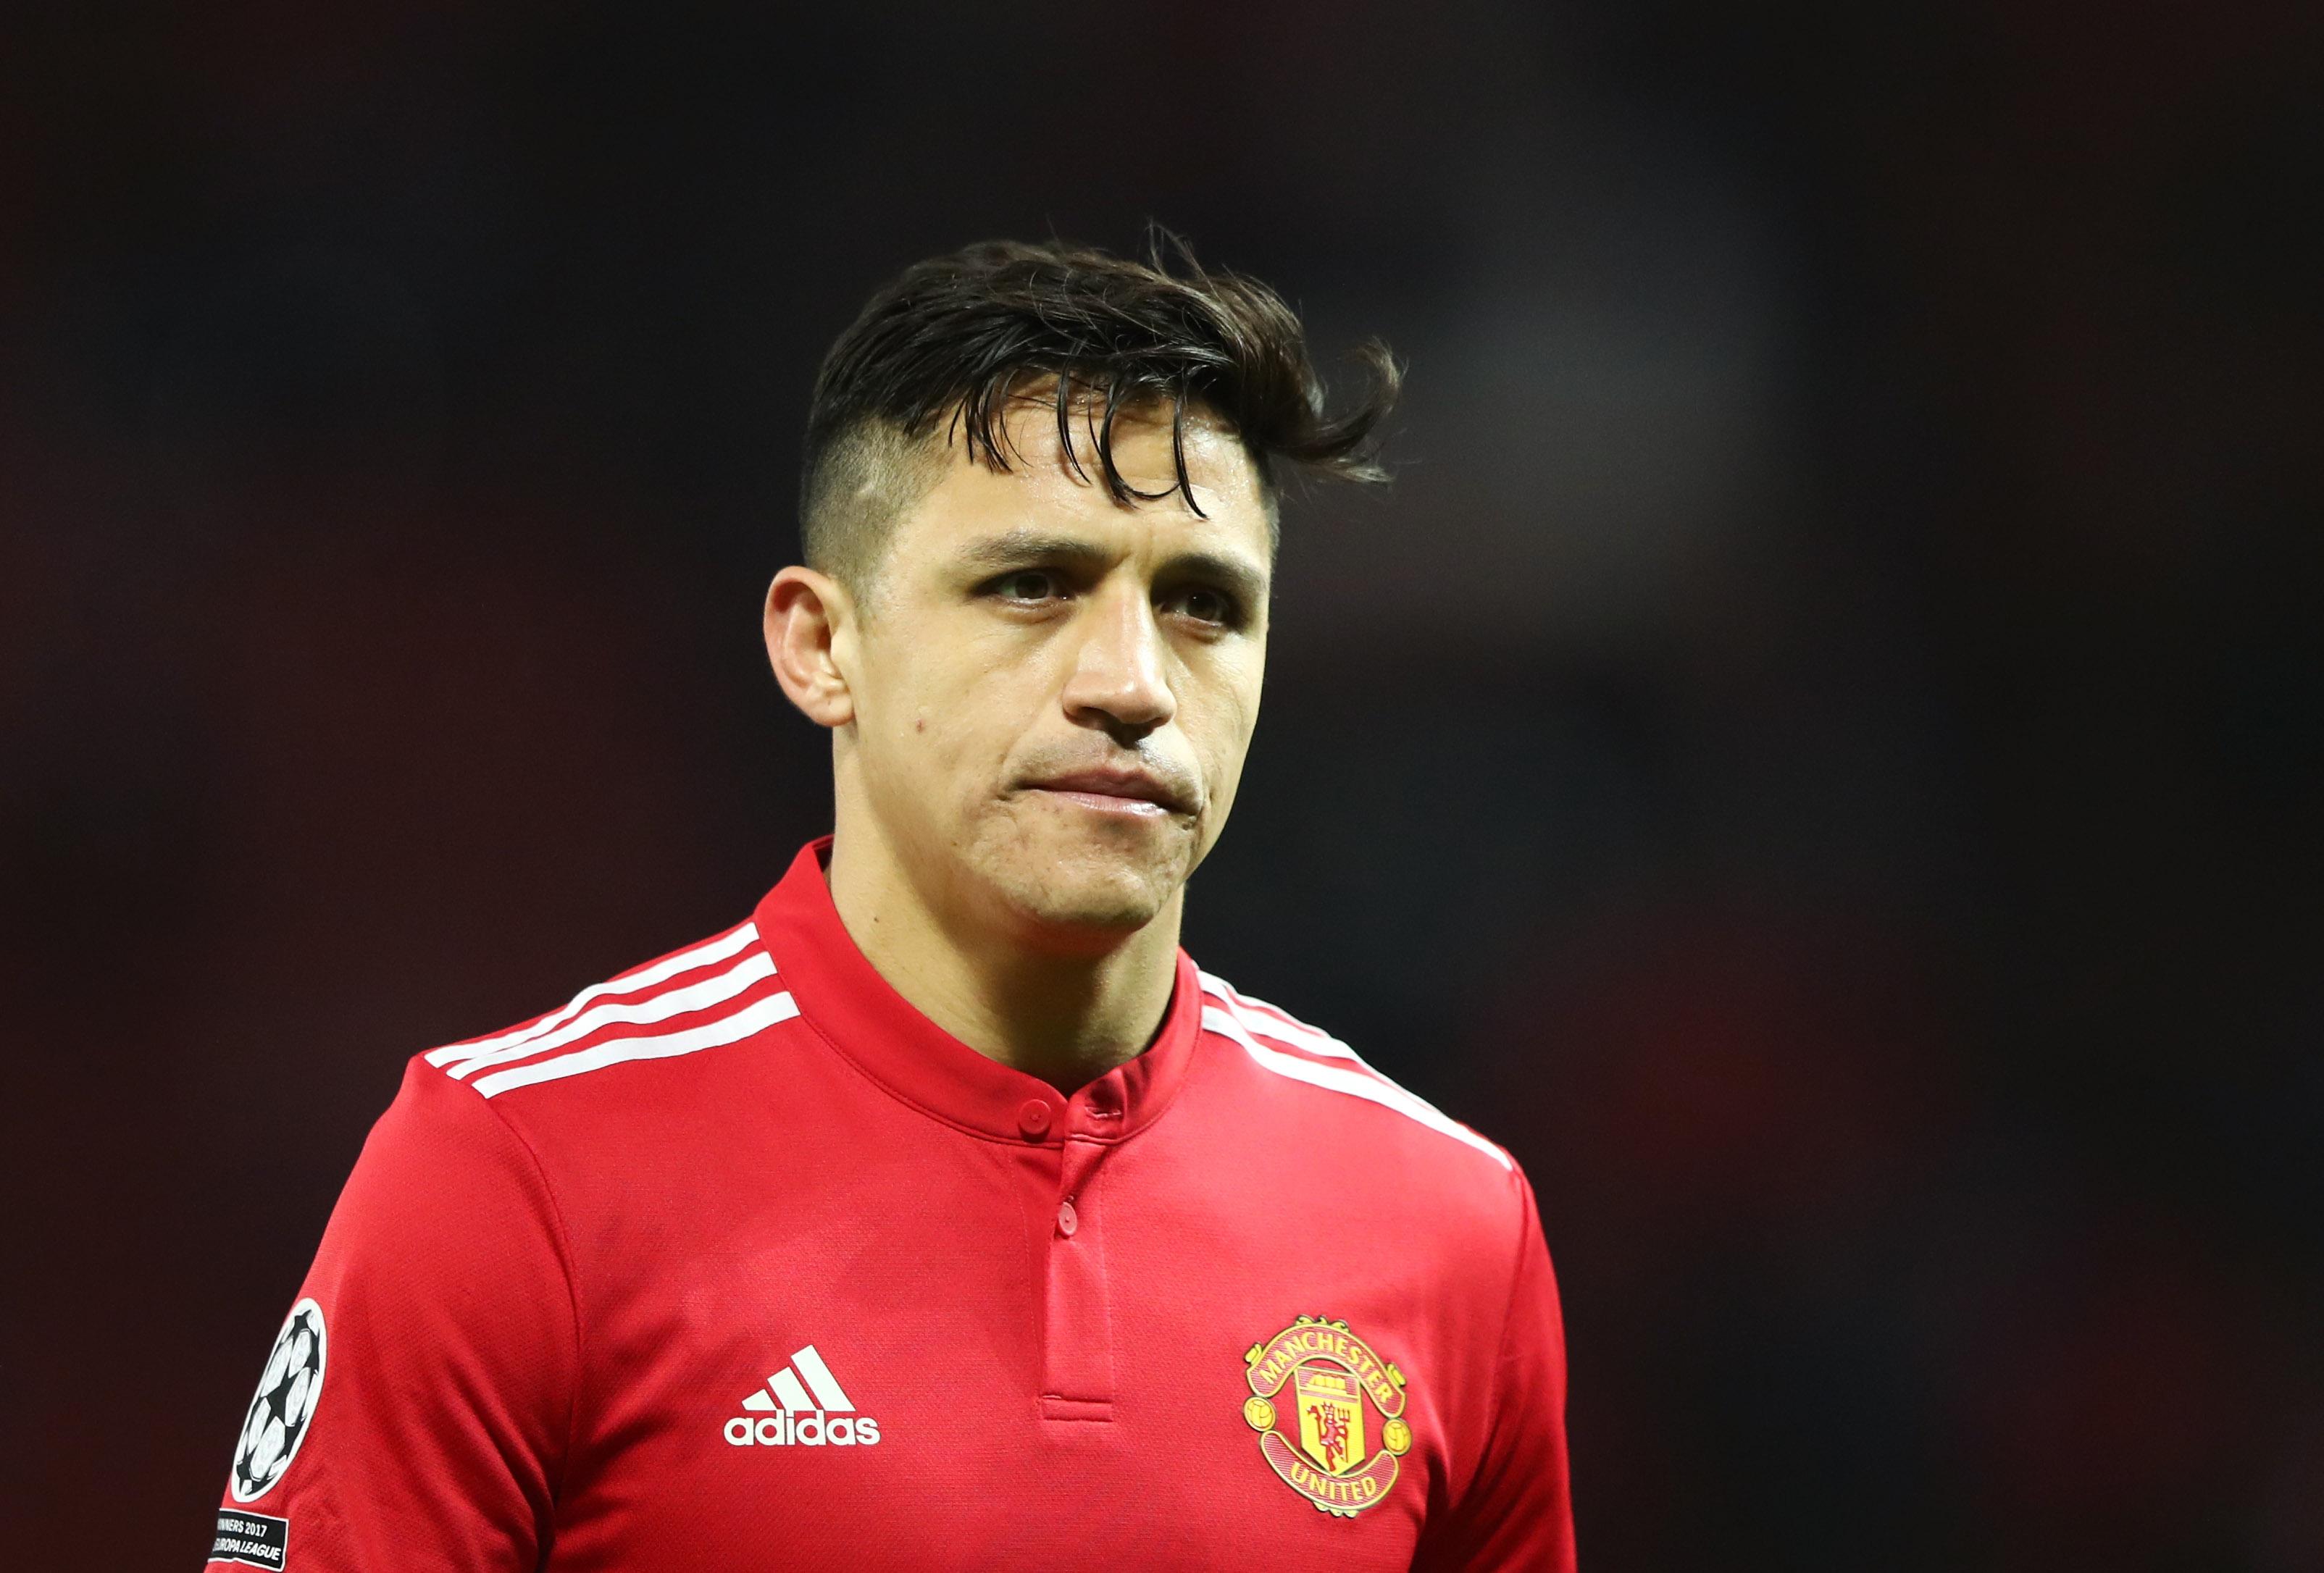 Alexis Sanchez - Manchester United - UEFA Champions League